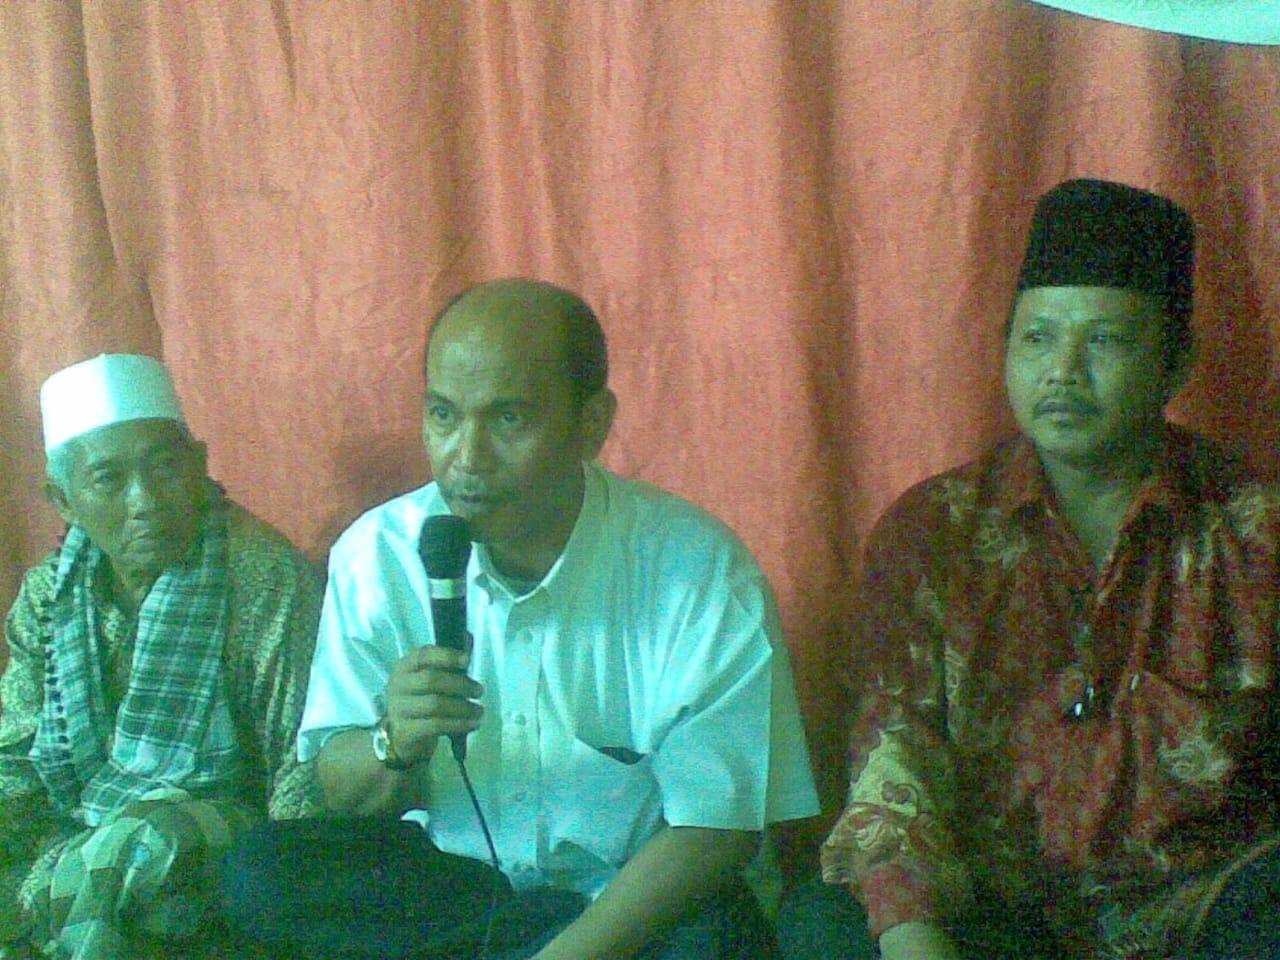 Tetap Hidup, Menjemput Mimpi Indonesia